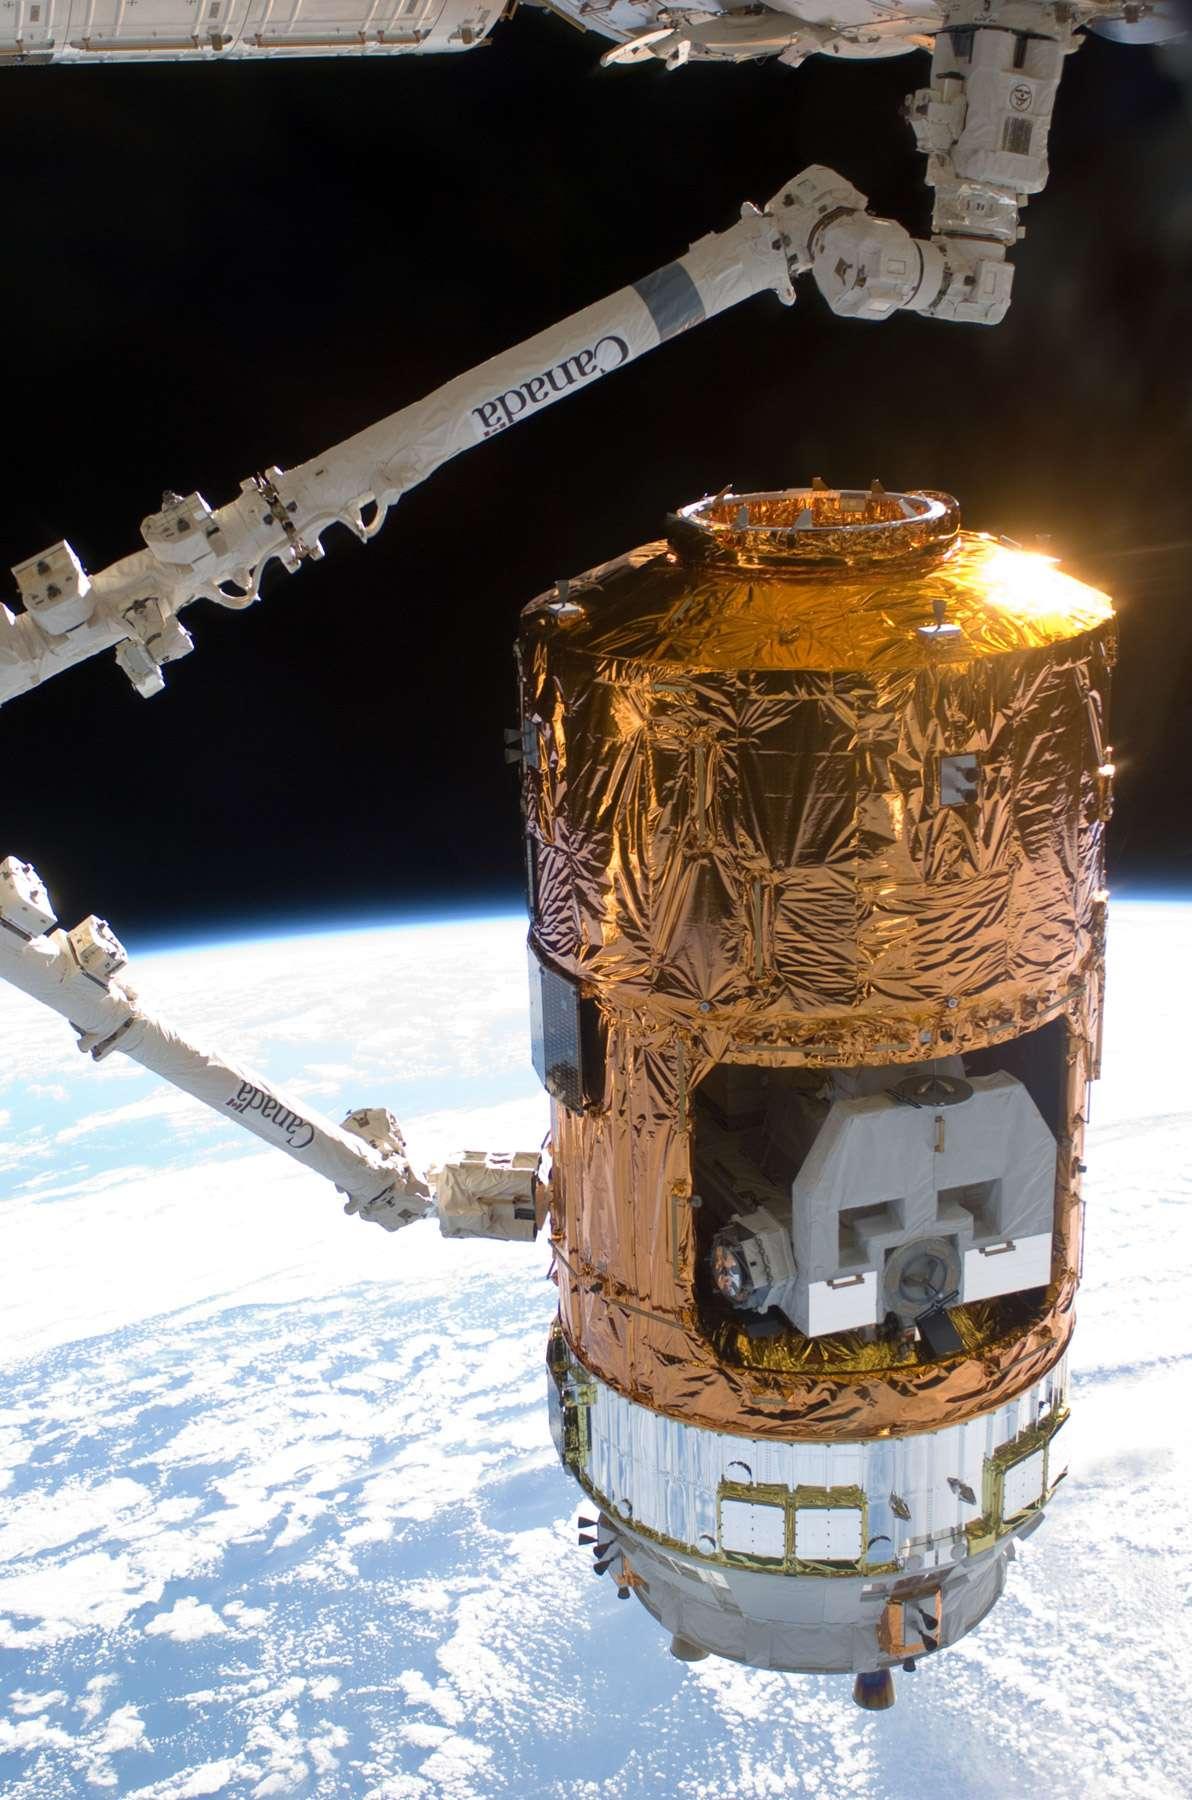 Cette image de la capture de l'HTV-2 de la Jaxa montre la partie non pressurisée du module, à ciel ouvert. La palette qui s'y trouve sera saisie par Dextre, la main robotisée de la Station, qui réalisera alors sa première mission opérationnelle. © Nasa